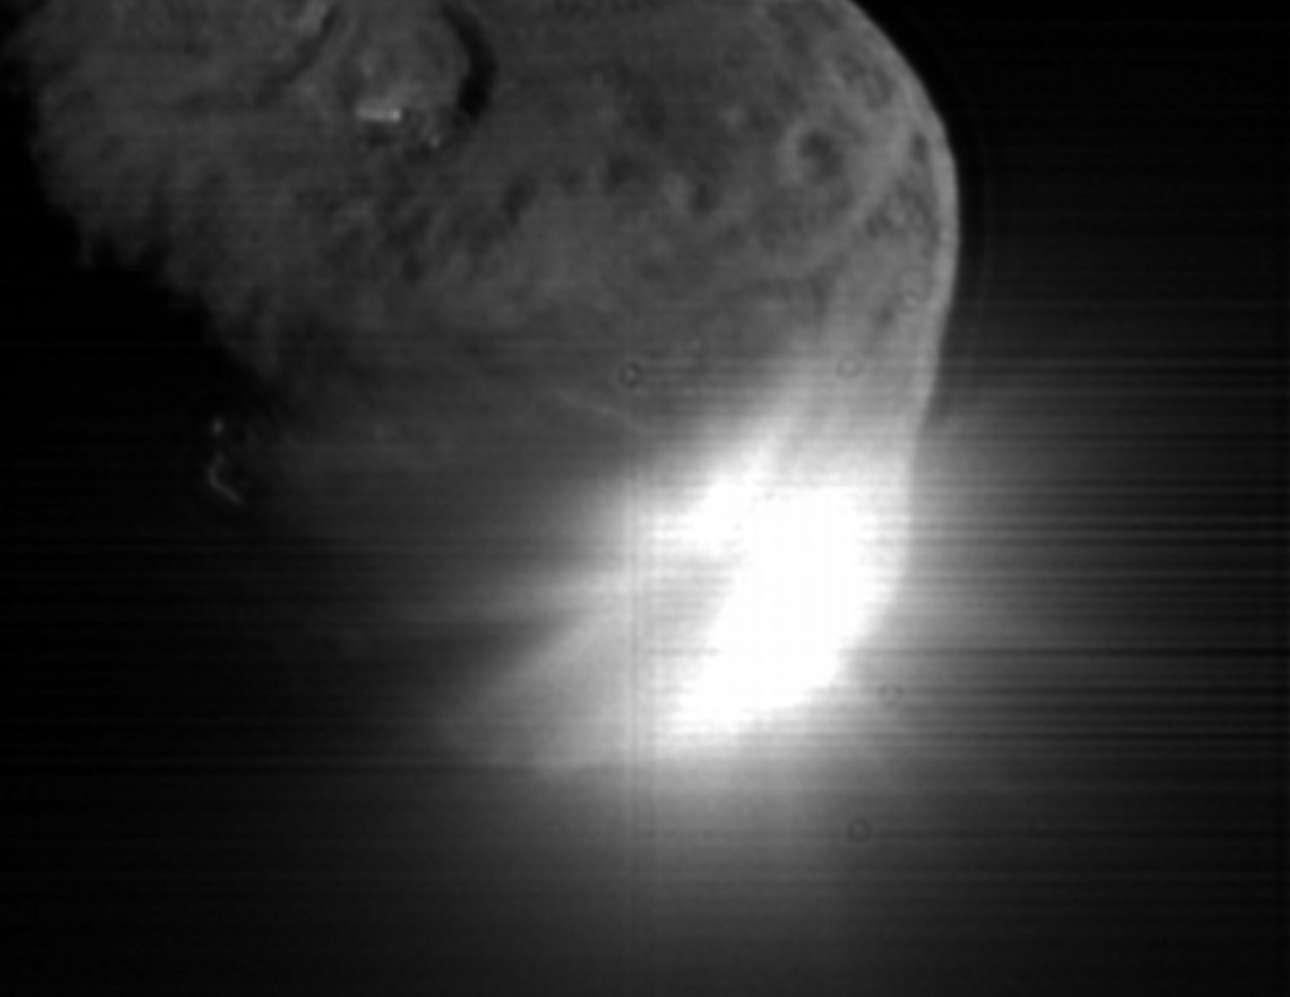 Το διαστημικό σκάφος της ΝΑSΑ Depp Impact συγκρούεται με τον κομήτη Teempel 1. Μία εντυπωσιακή φωτογραφία που τραβήχτηκε στις 4 Ιουλίου 2005. Ο κομήτης είχε το μέγεθος της Μυκόνου